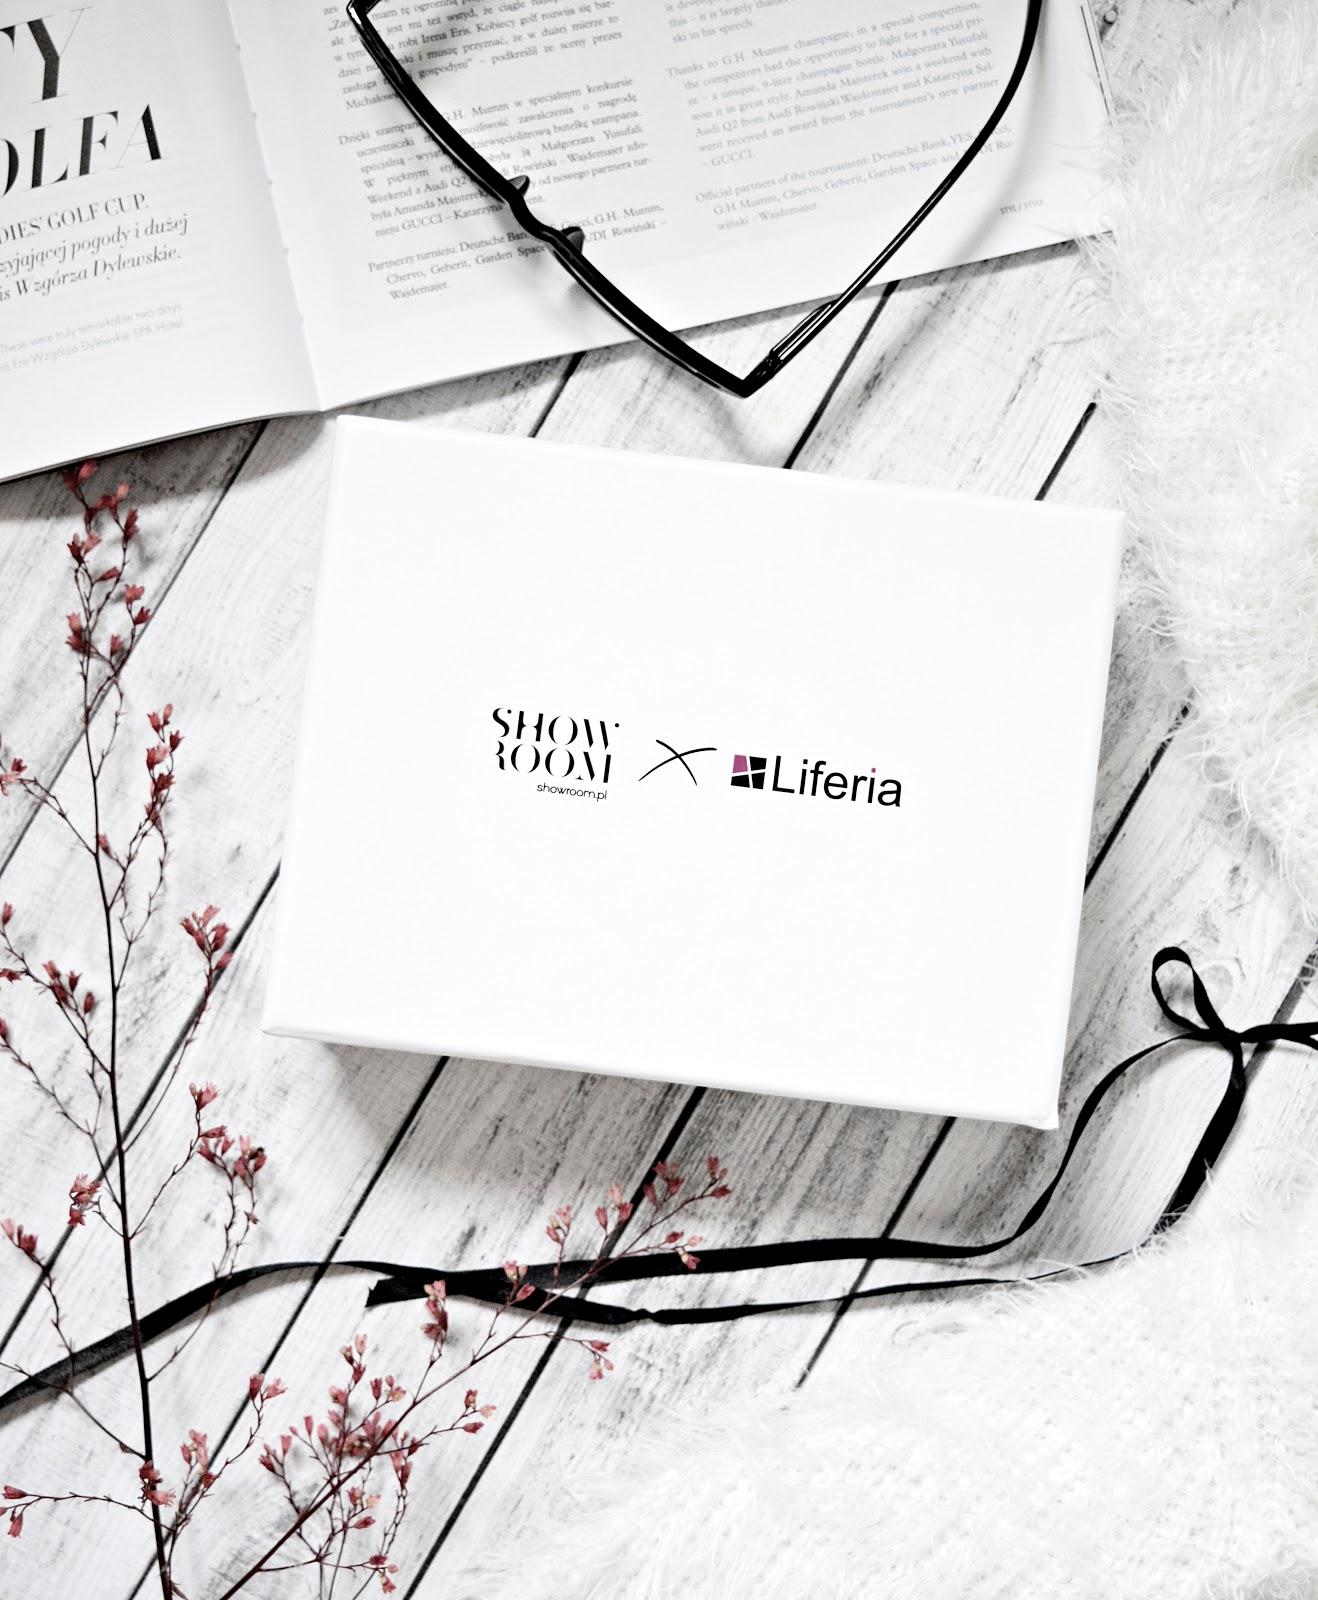 SHOWROOM & Liferia - limitowana edycja pudełka pełnego luksusu.